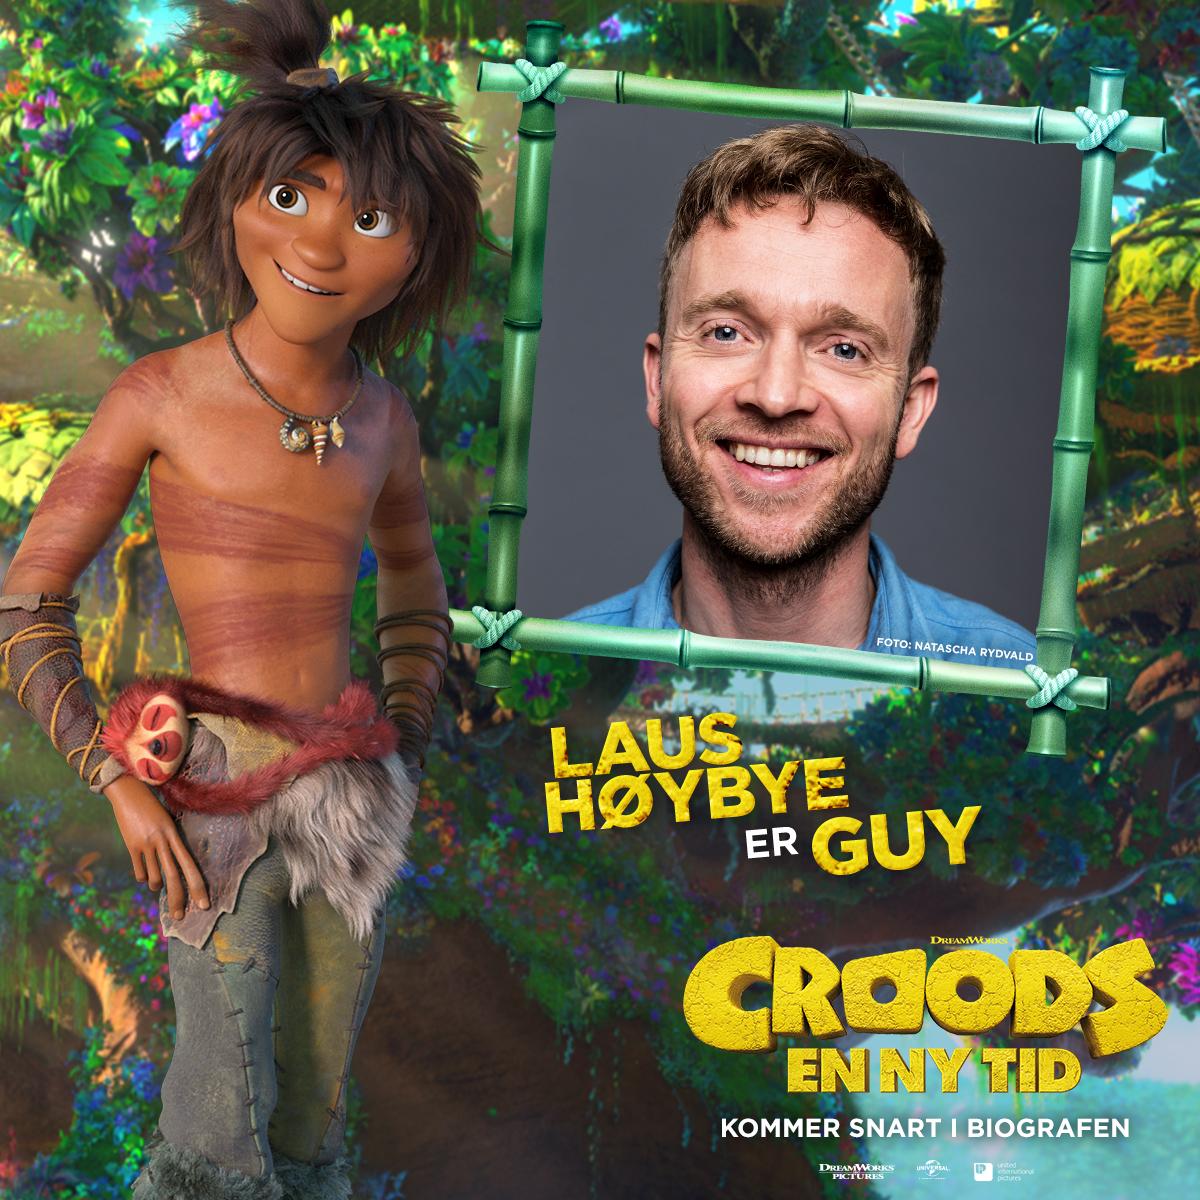 Croods - Karakterkort - Guy (Laus Høybye)